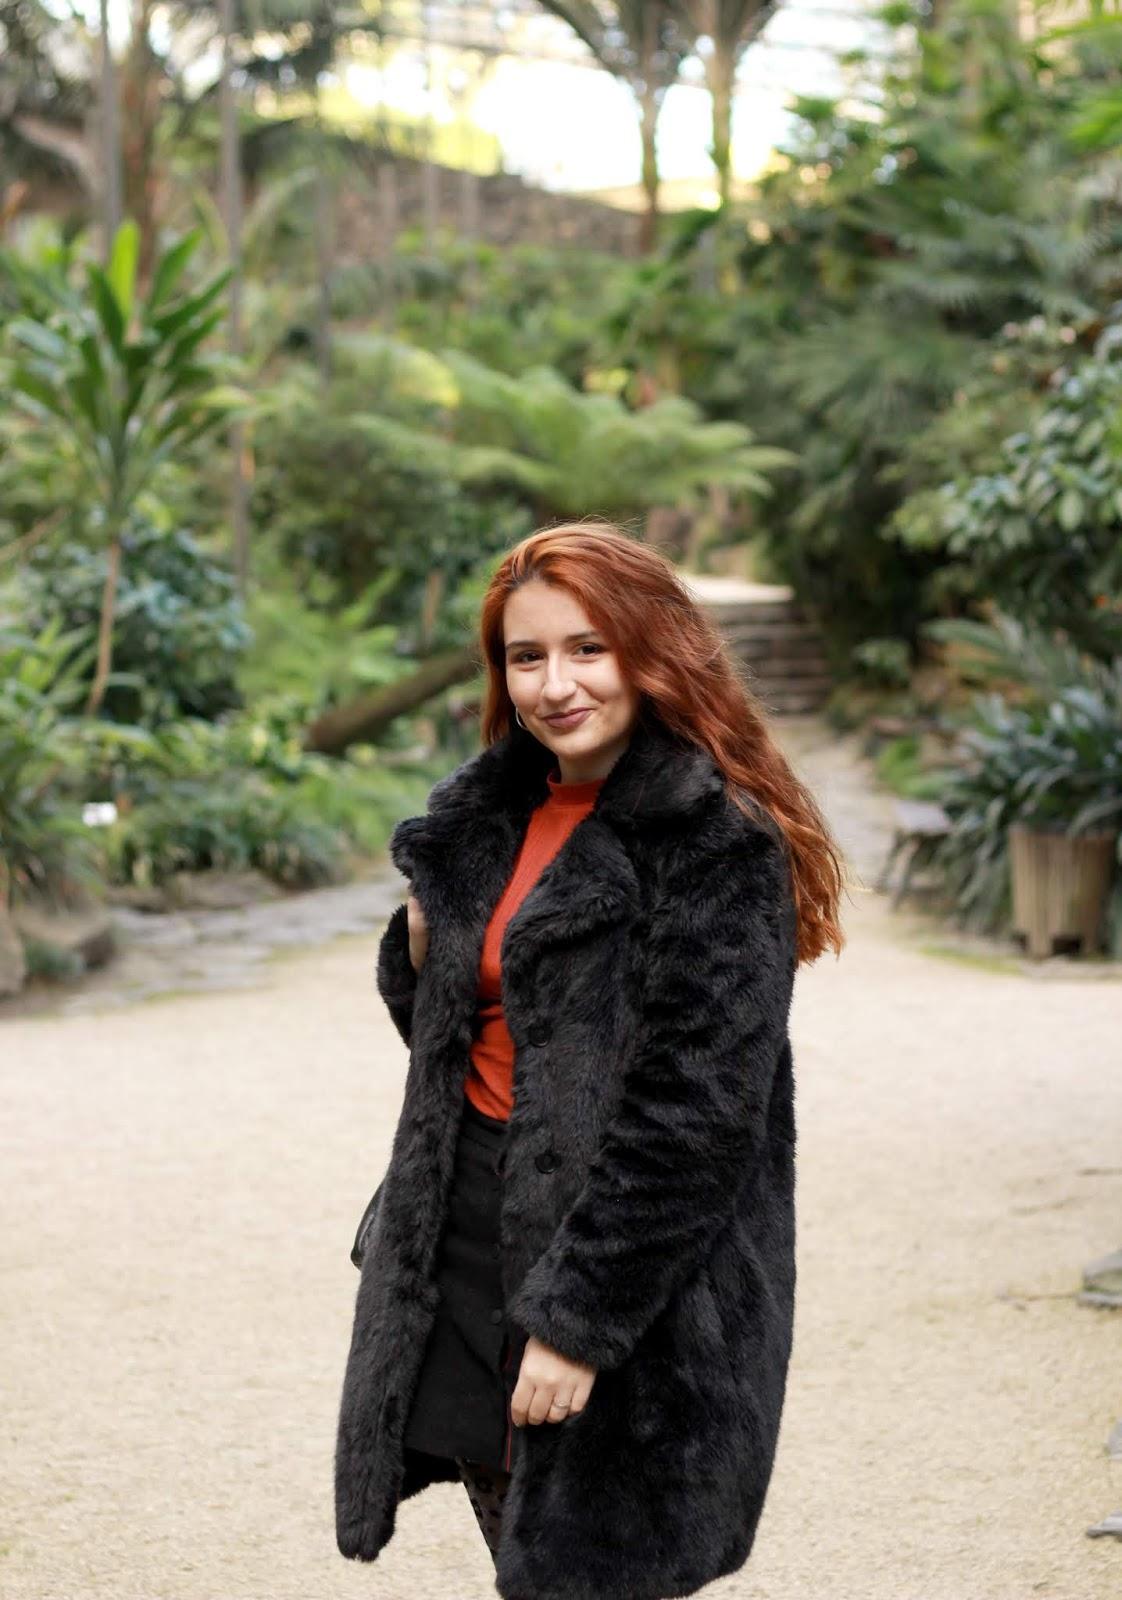 o casaco é tão comprido que tapa quase todo o look